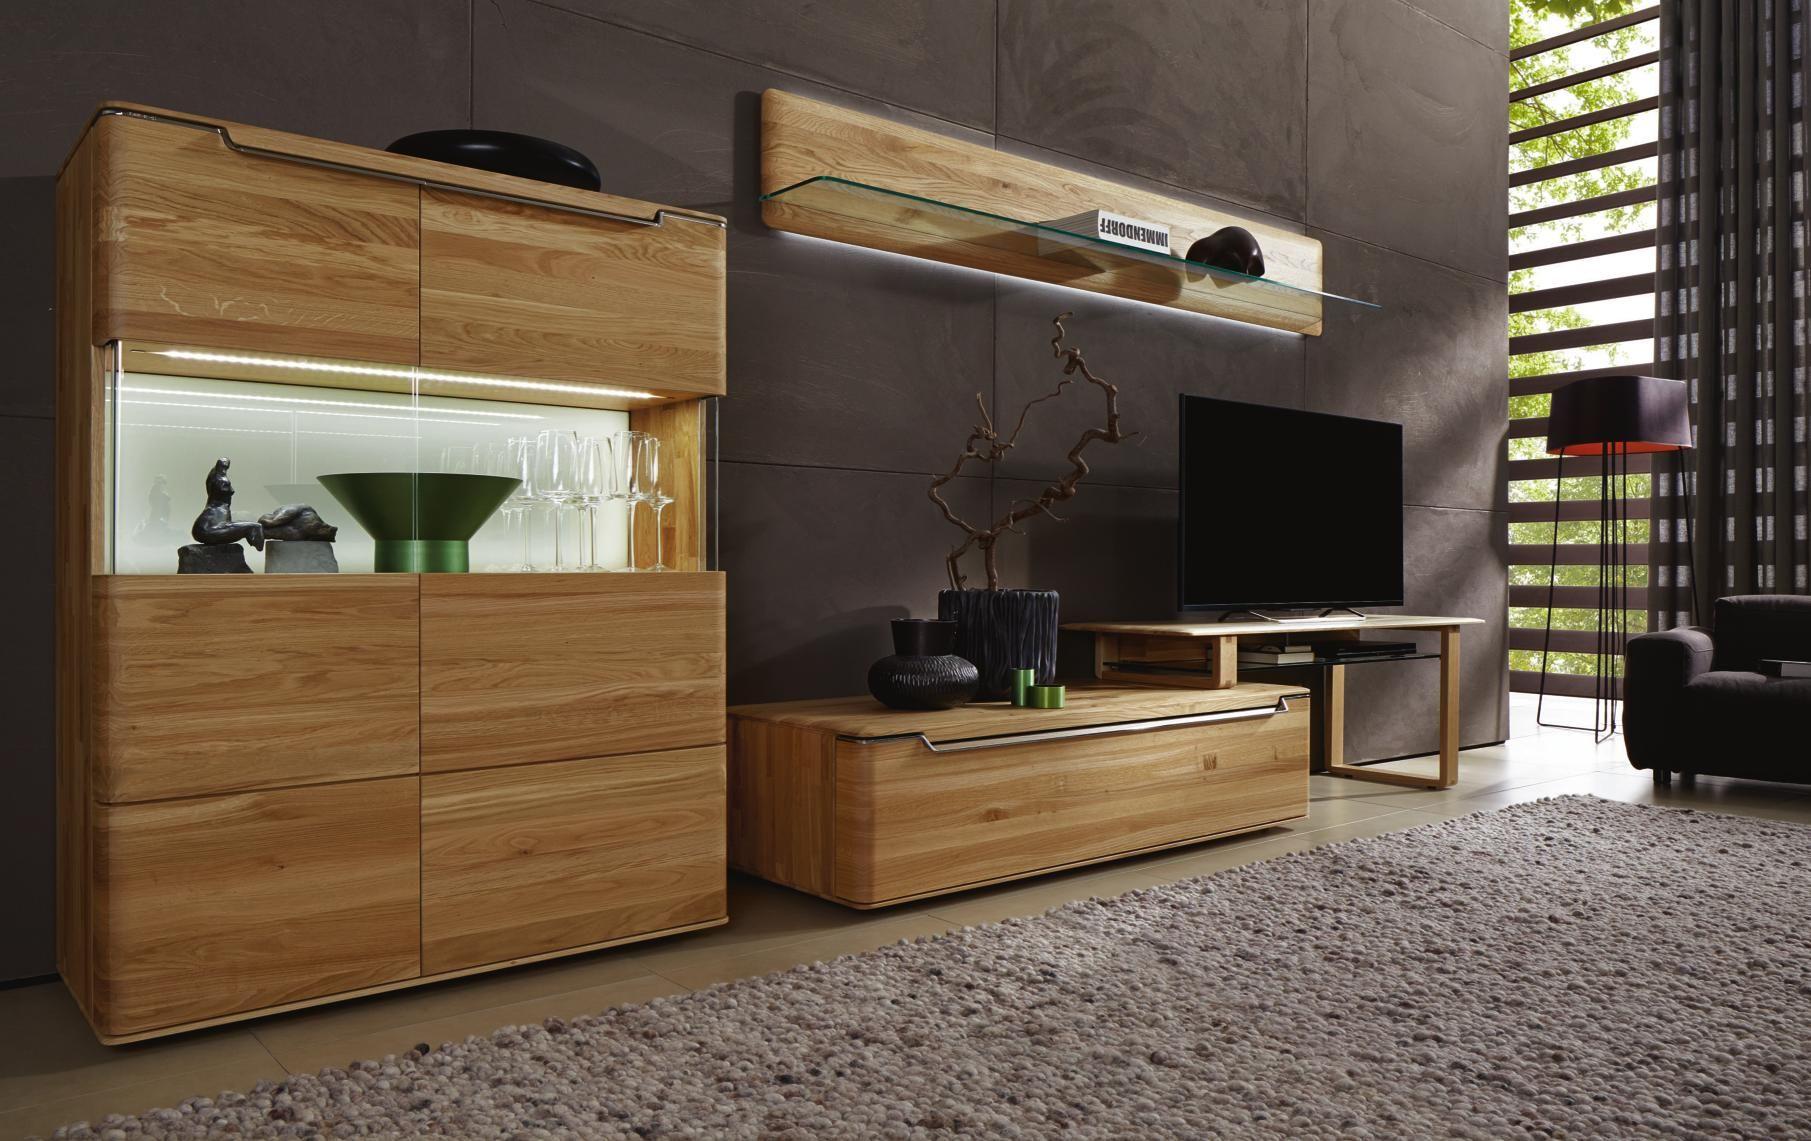 wohnwand mit integriertem kleiderschrank wohnwand mit integriertem kleiderschrank sch n. Black Bedroom Furniture Sets. Home Design Ideas